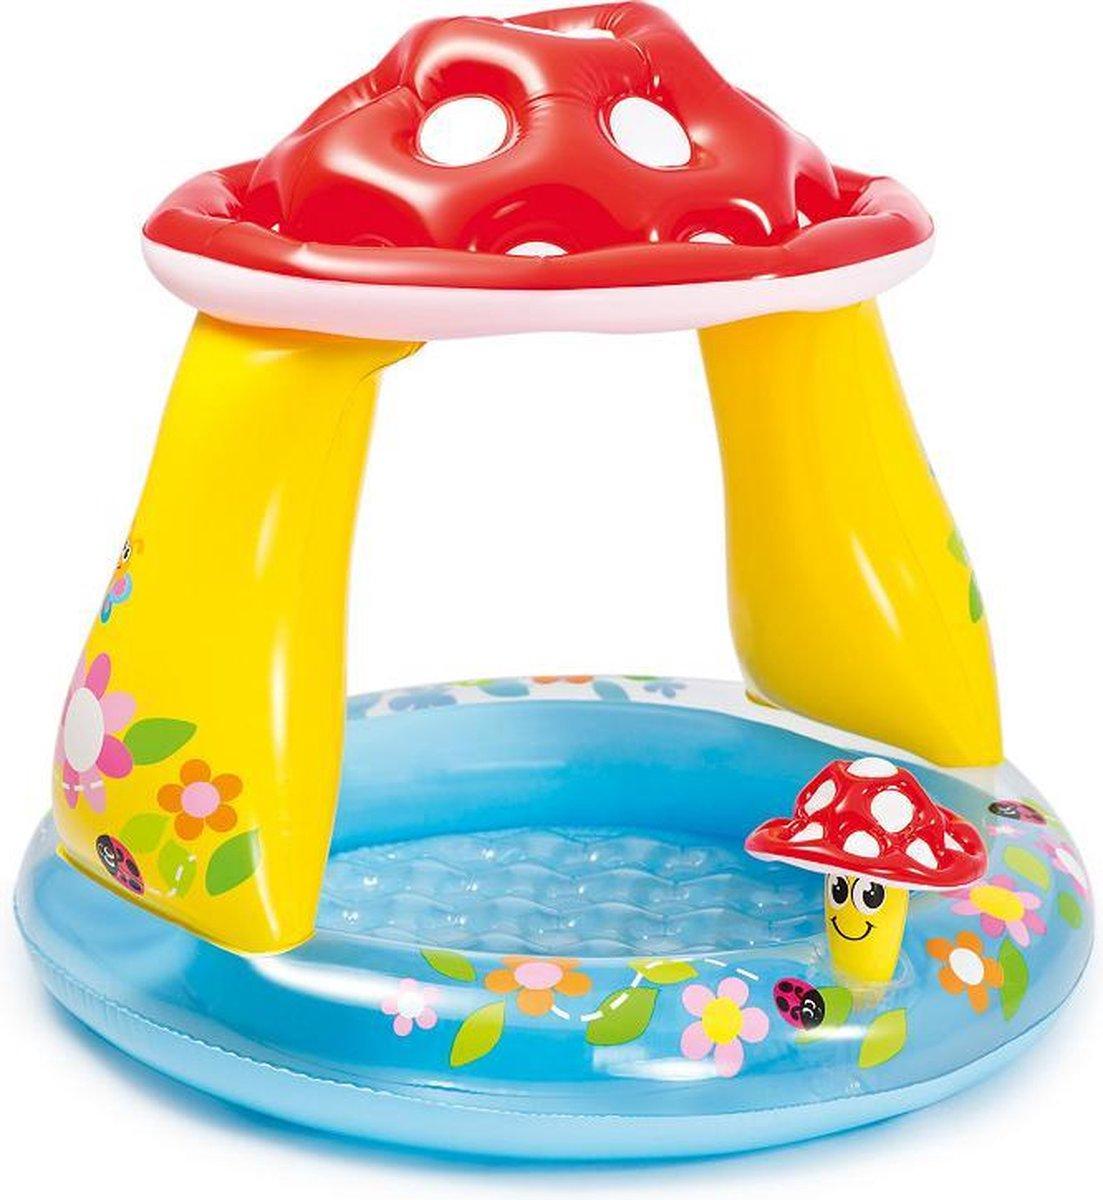 Intex Kinderzwembad 102x89cm - Opblaaszwembad